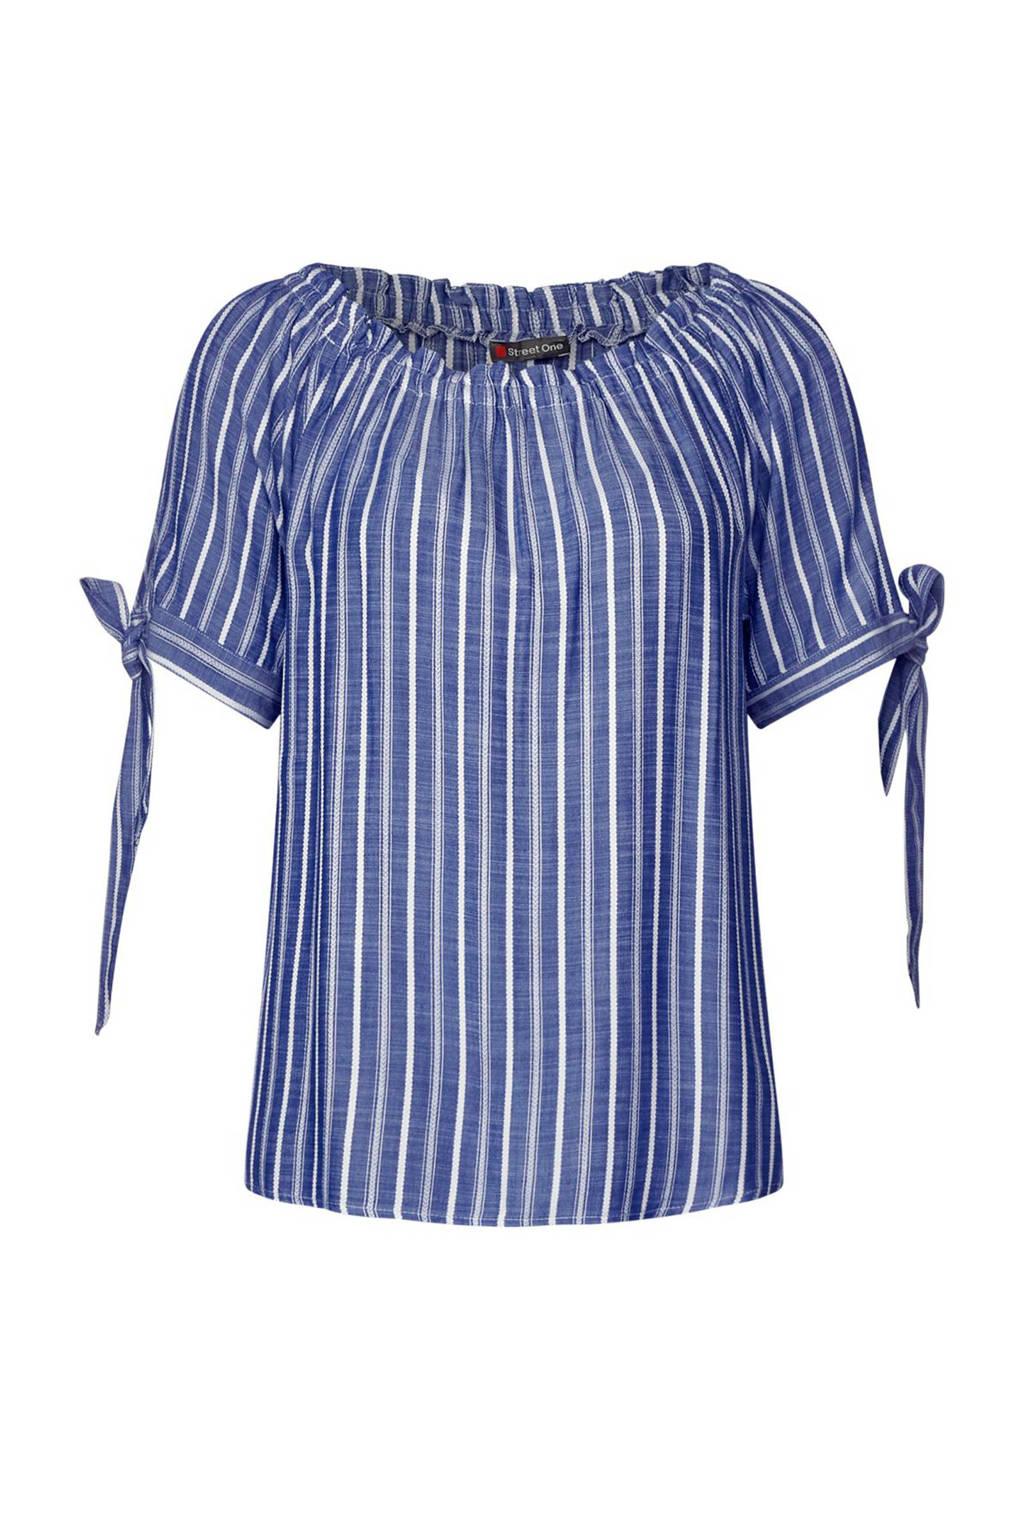 Street One gestreepte off shoulder top blauw/wit, Blauw/wit